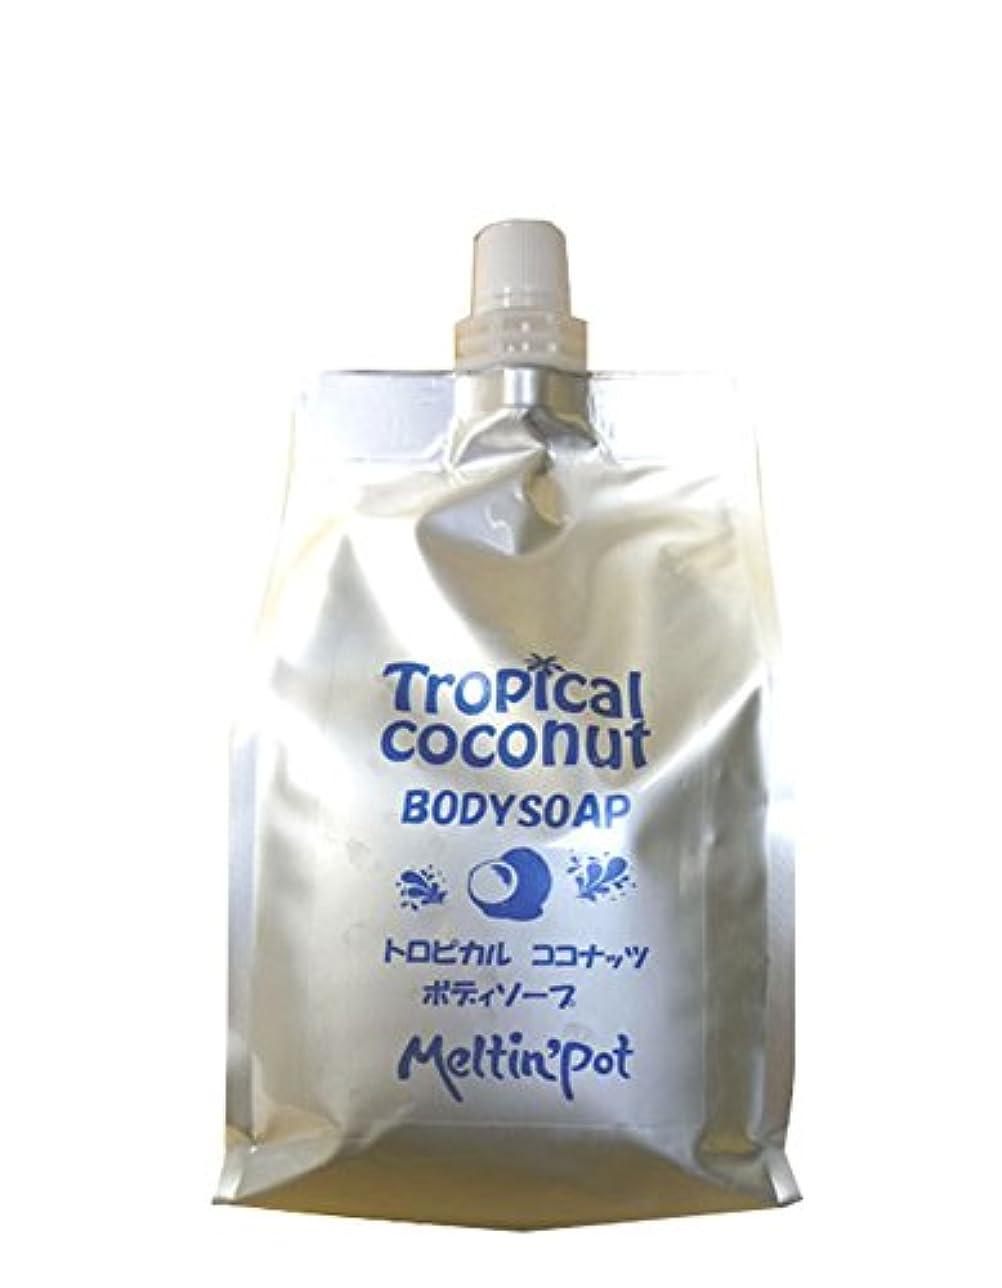 ジョージバーナード回復予想するトロピカルココナッツ ボディソープ 1000ml 詰め替え Tropical coconut Body Soap 加齢臭に! [MeltinPot]